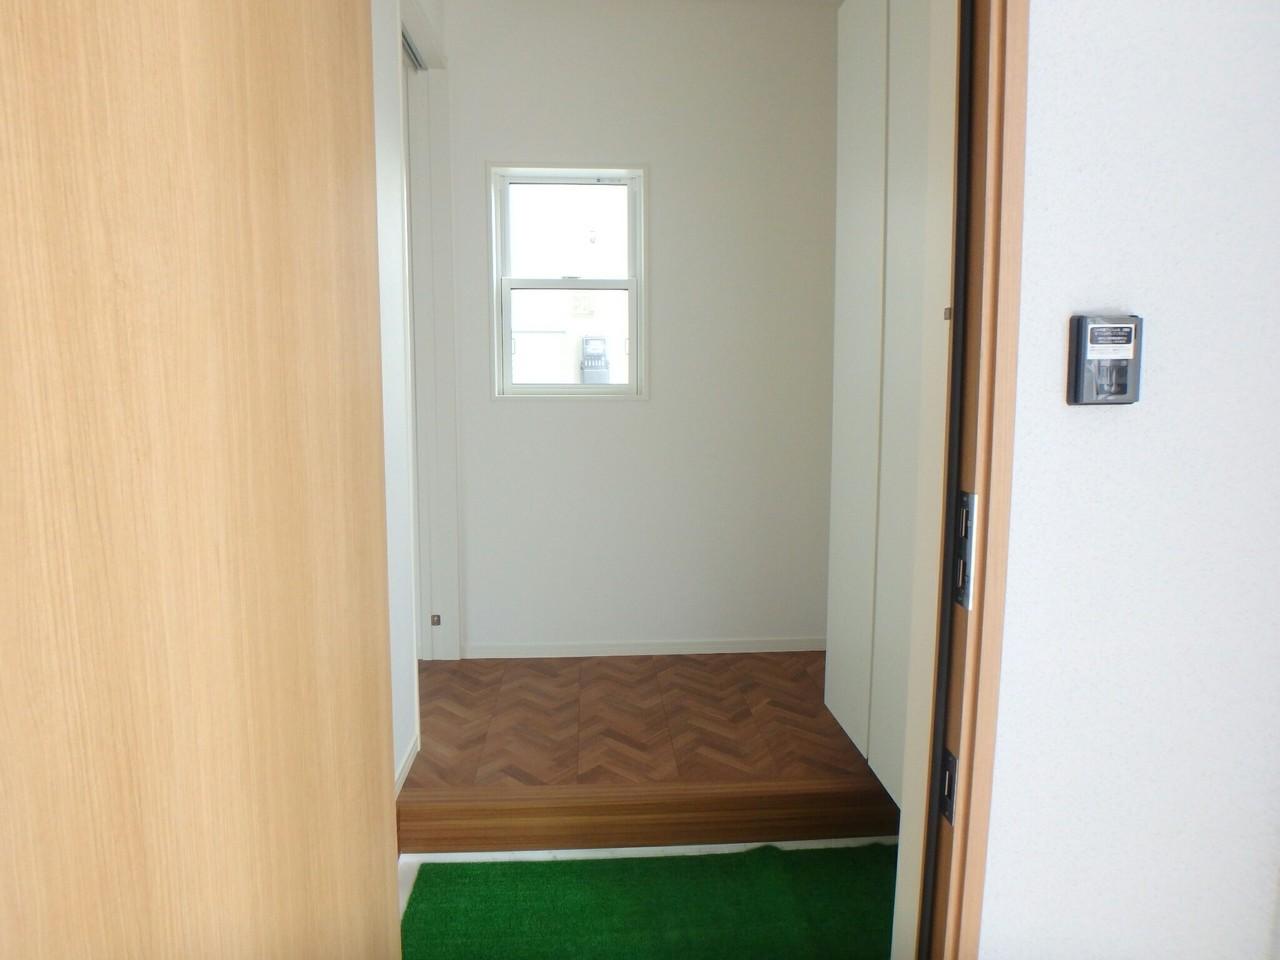 玄関は、目の前にある窓からの日の入りもよく、デザイナーズ住宅ならではの床もとってもオシャレですね♪